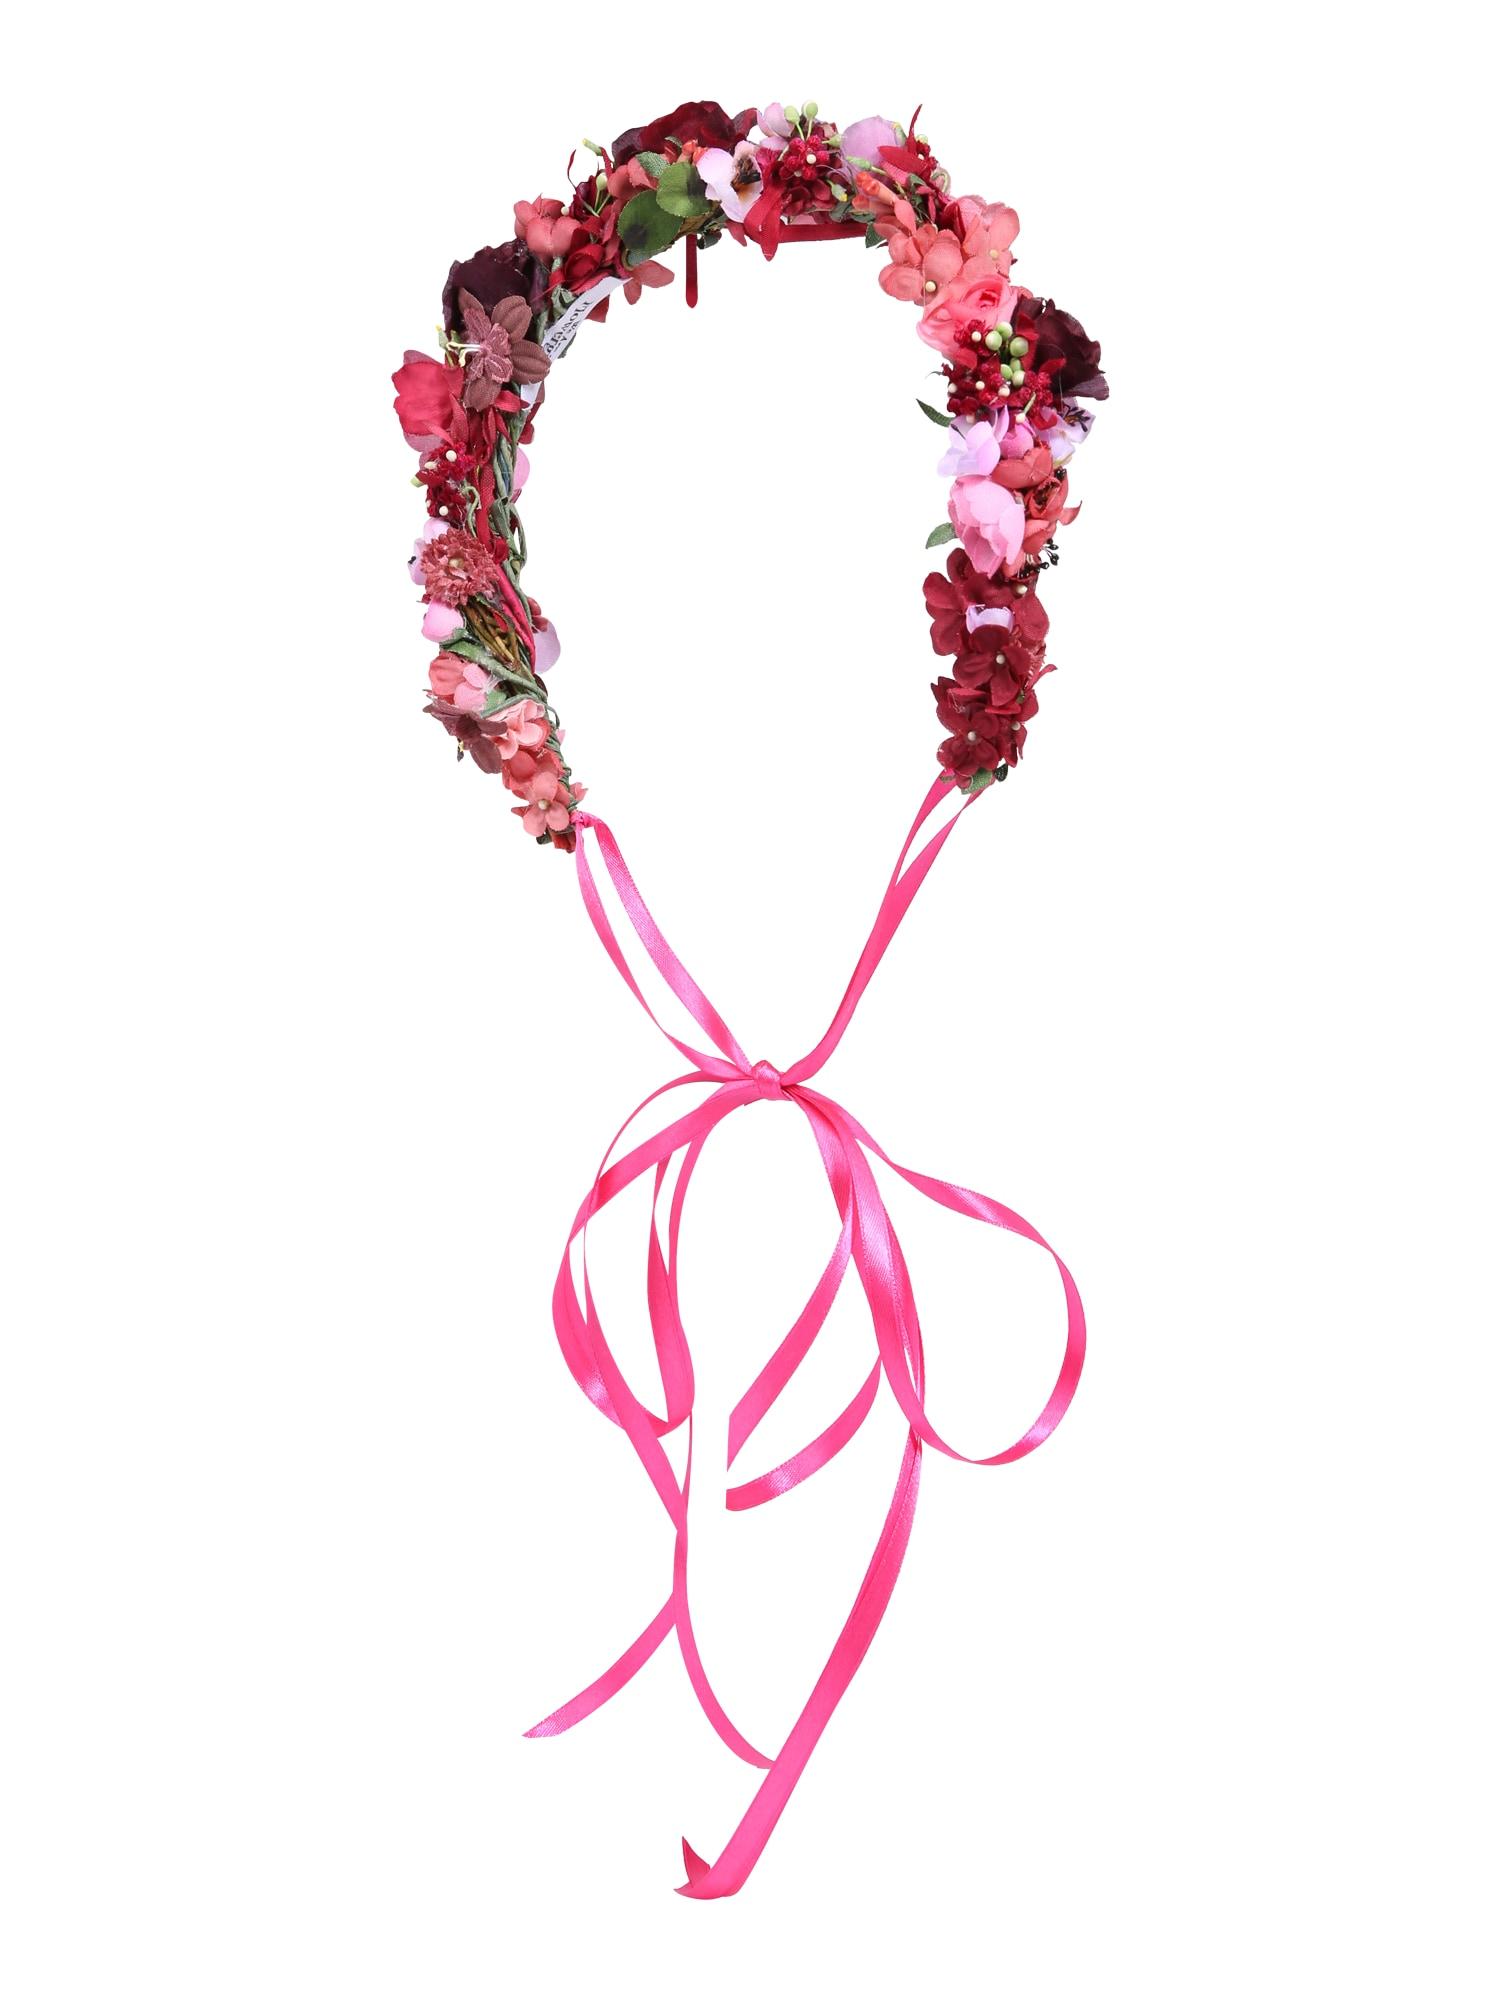 Šperky do vlasů Pink Berry Style korálová pink bordó We Are Flowergirls